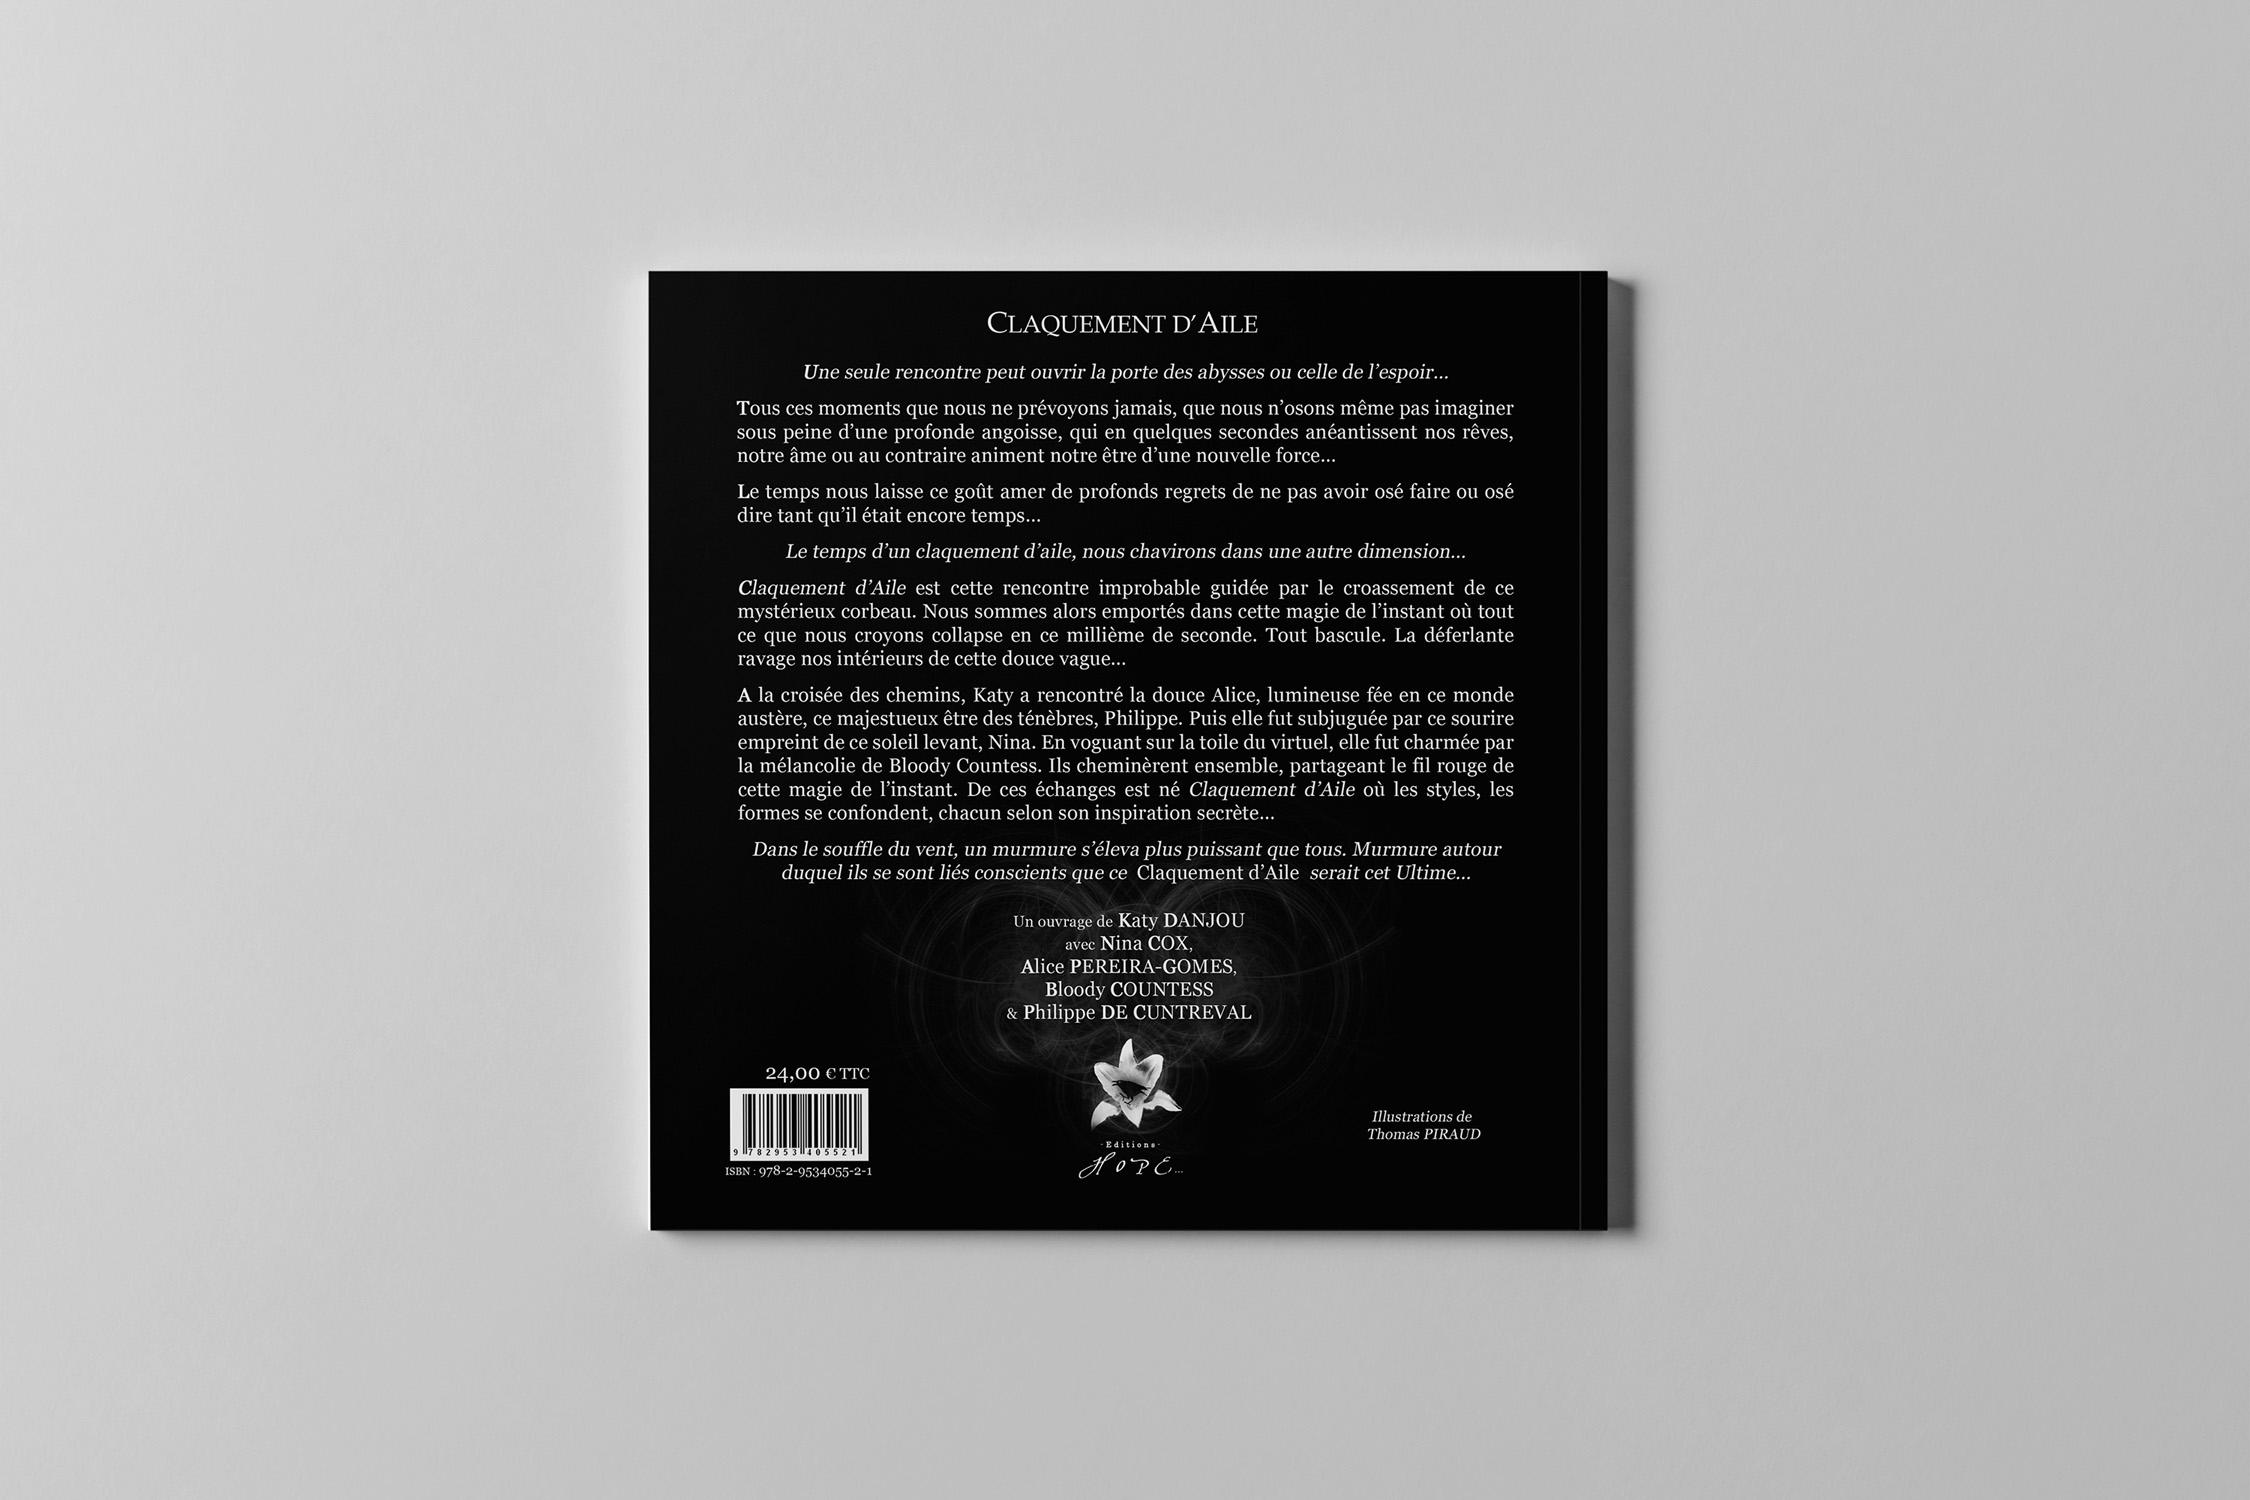 Claquement d'Aile - Cover